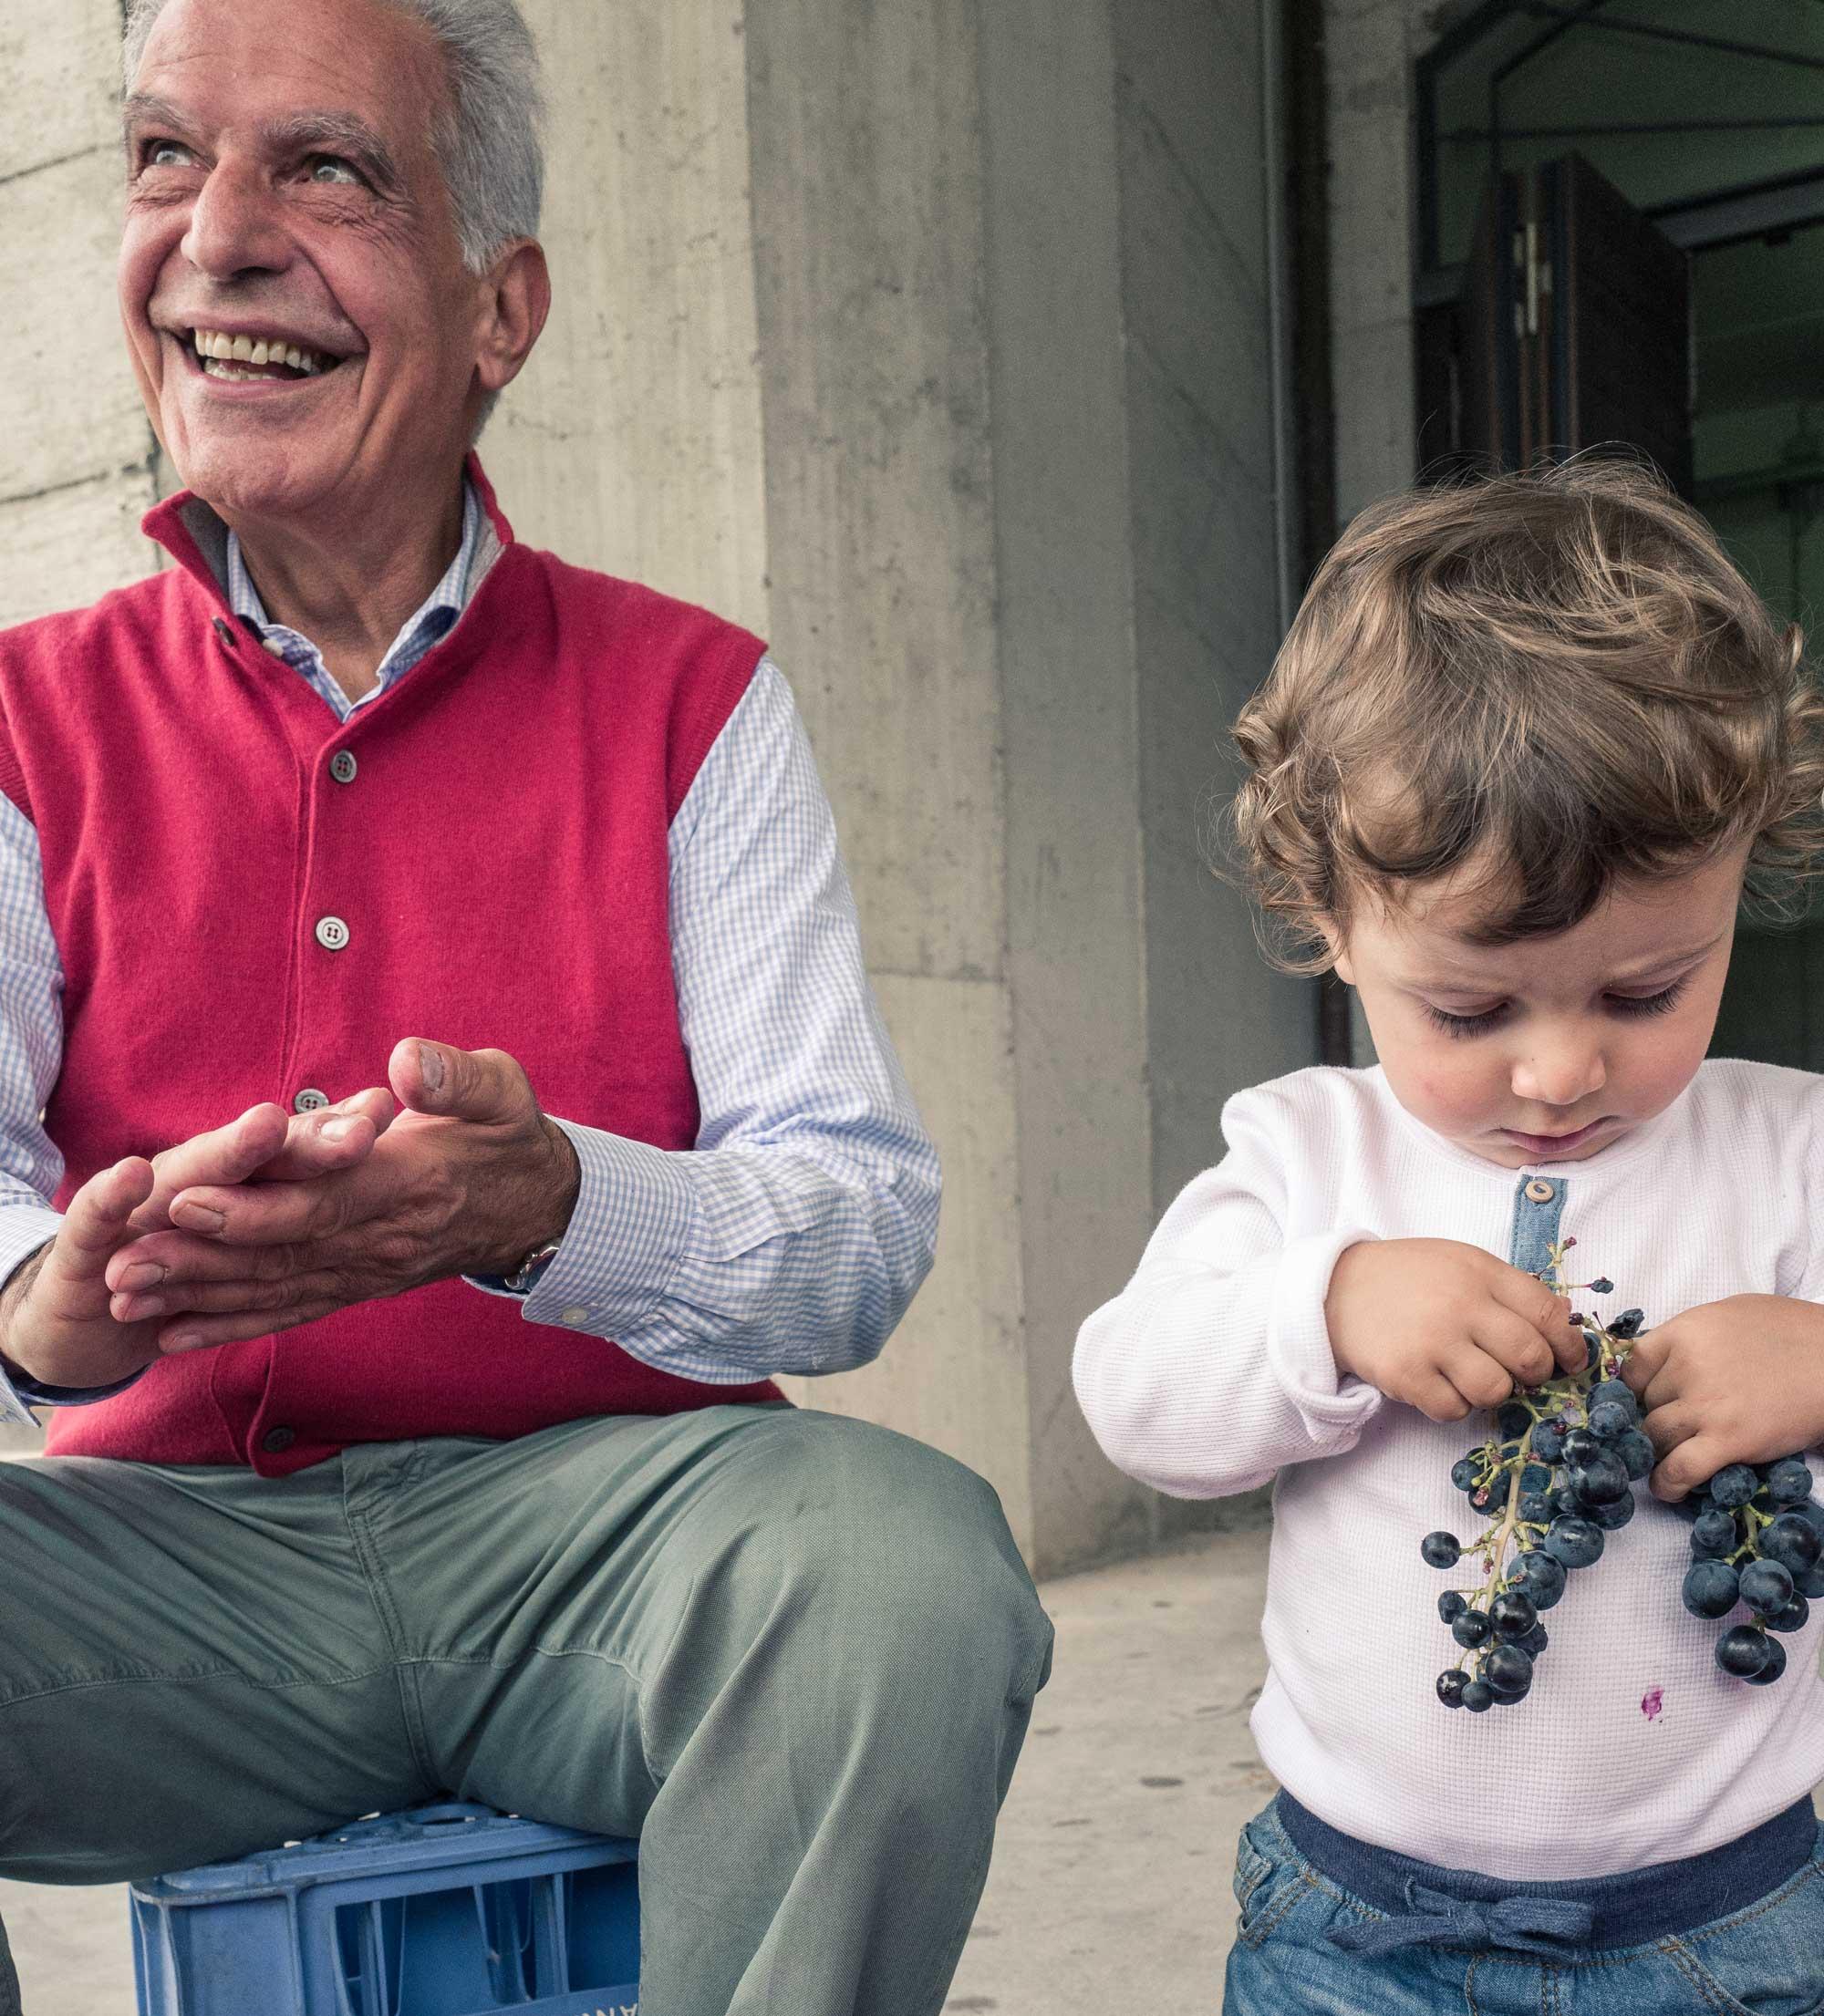 nonno e nipote con uva in mano